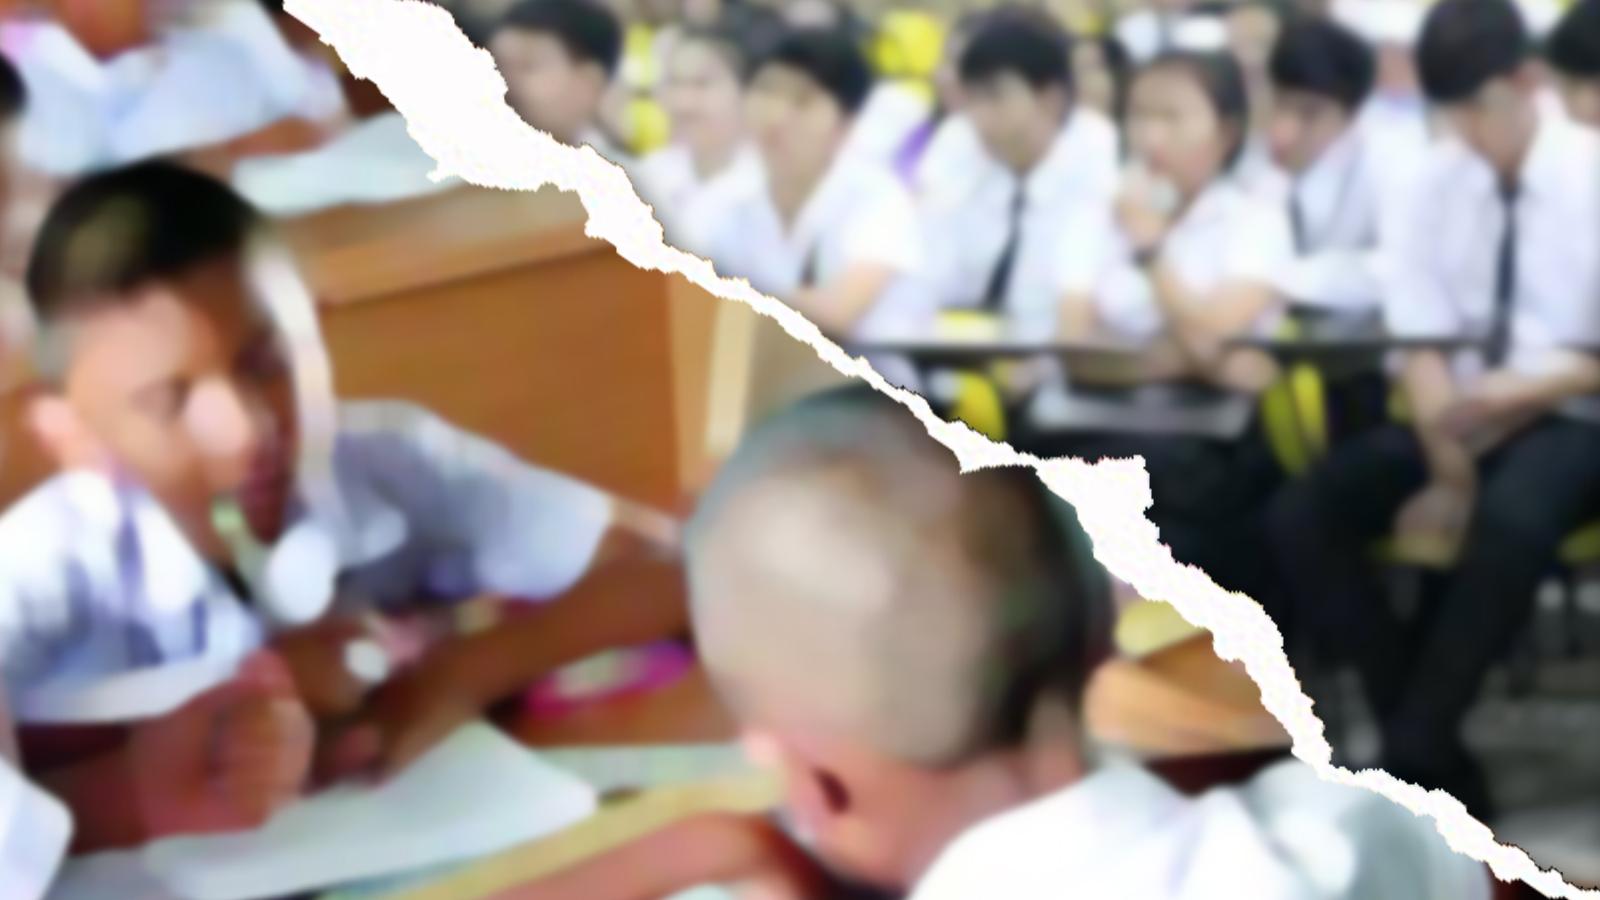 ปัญหาระบบการศึกษาของไทย ที่ผู้เรียนยังคงได้รับผลกระทบ